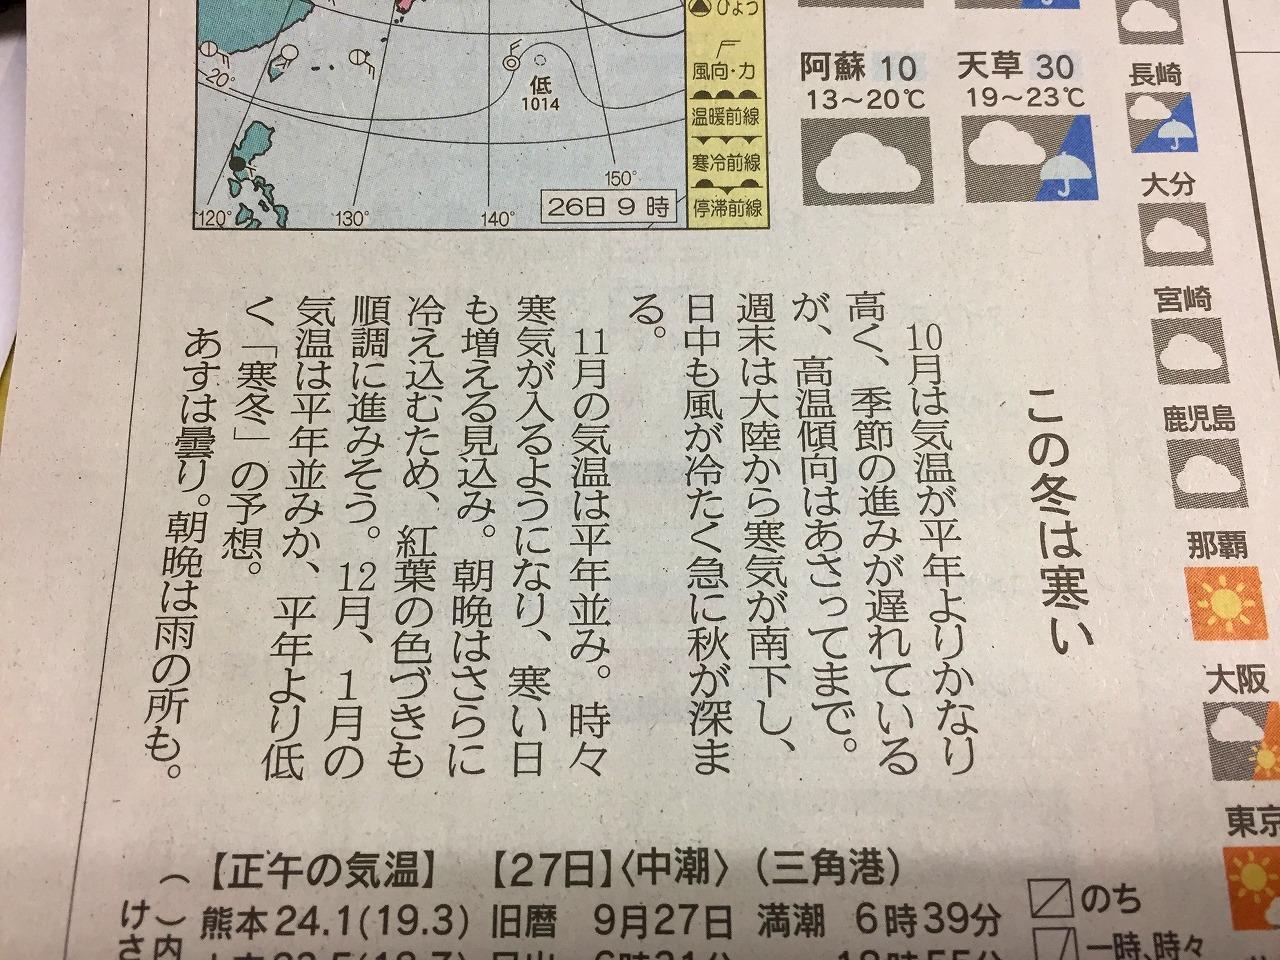 今年の冬の予報!熊日新聞